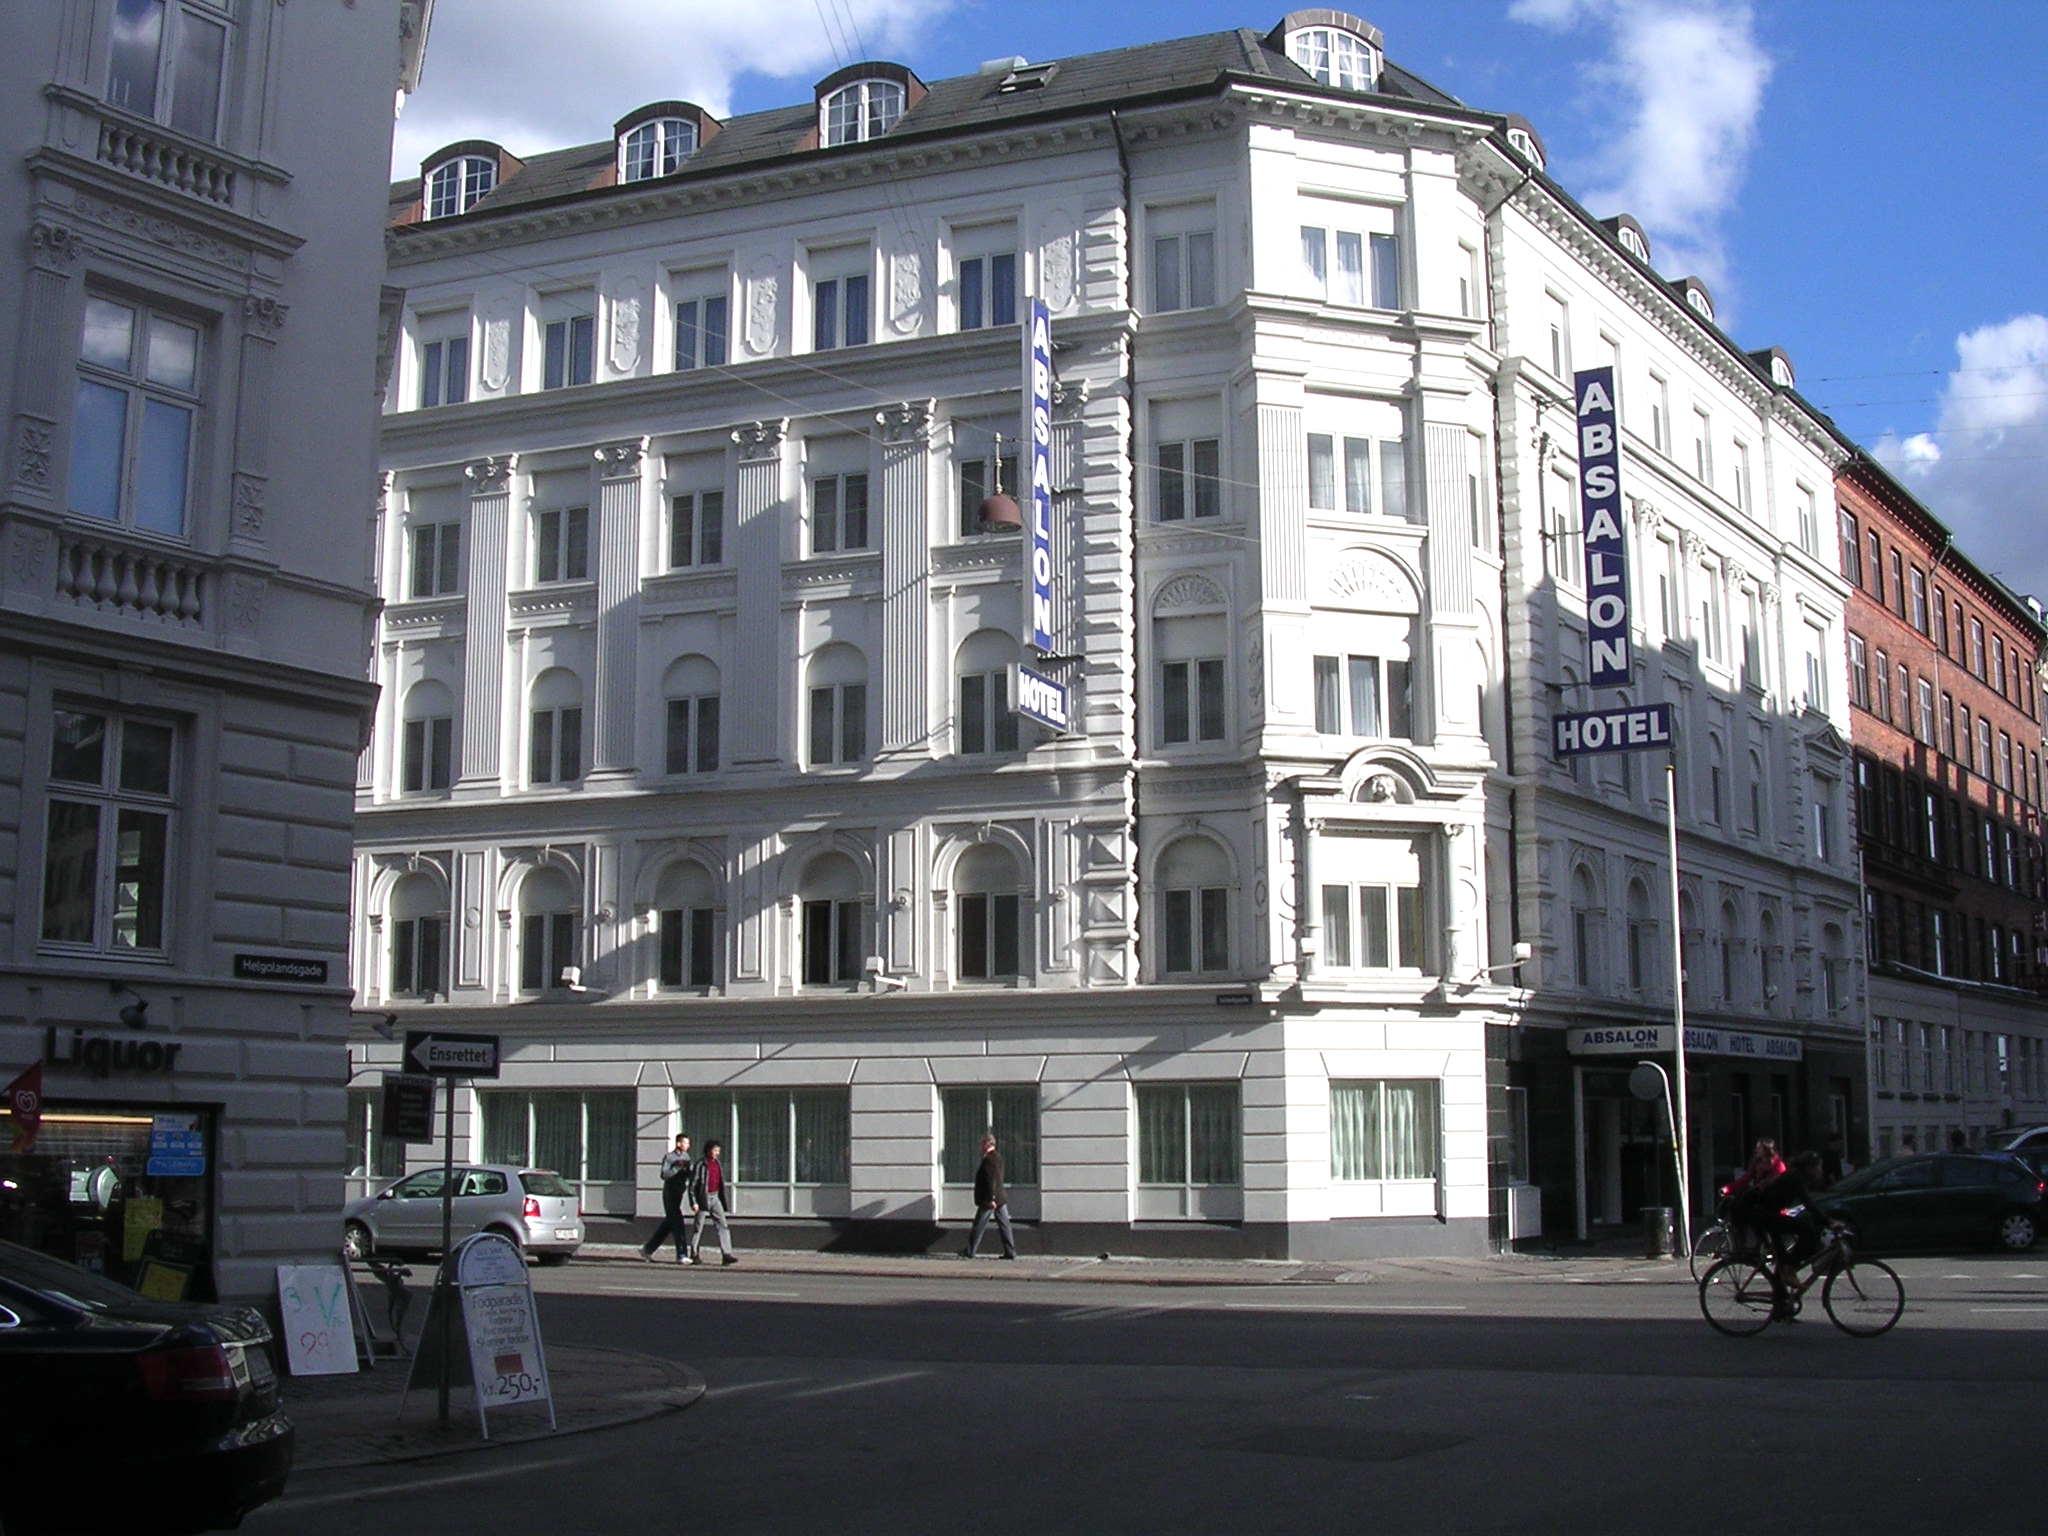 Bandholm hvem hotel ejer Bandholm Badehotel